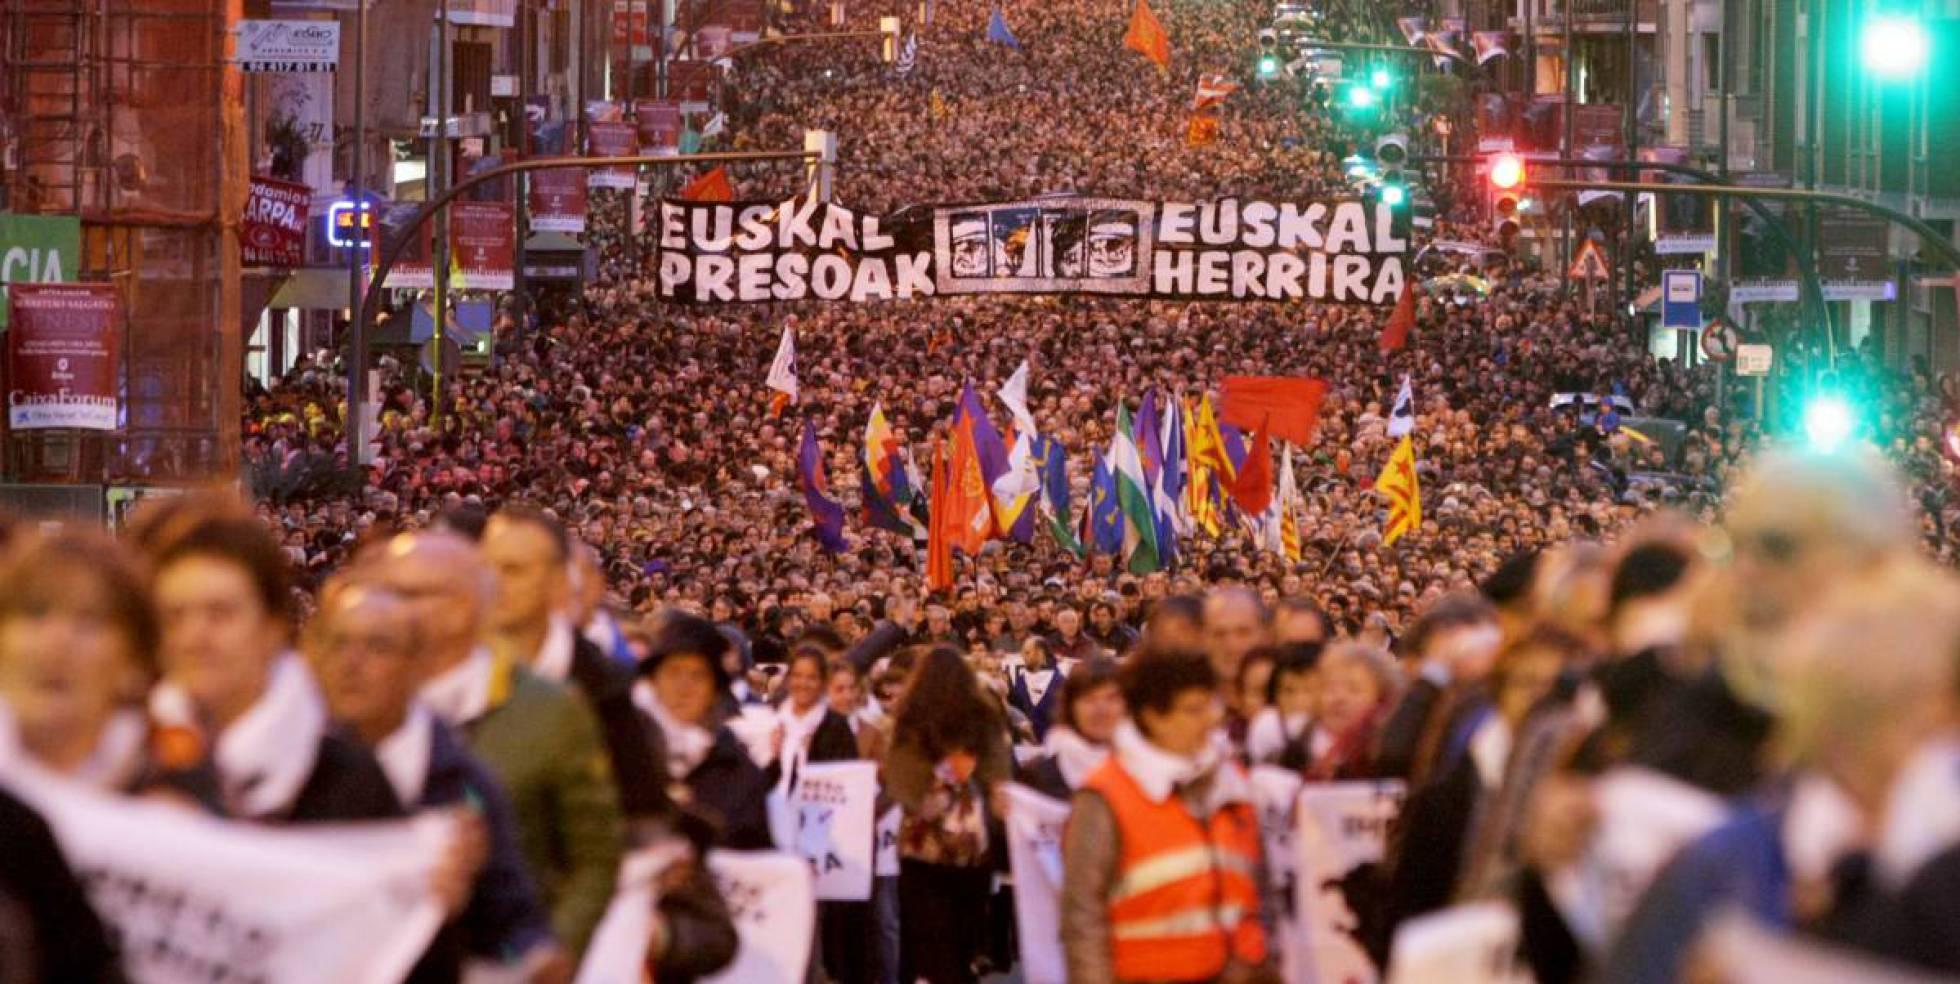 """Euskal Herria: Una multitud exige """"respeto a los derechos"""" de presos y exiliados. [vídeo] - Página 2 1484246368_087530_1484247738_noticia_normal_recorte1"""